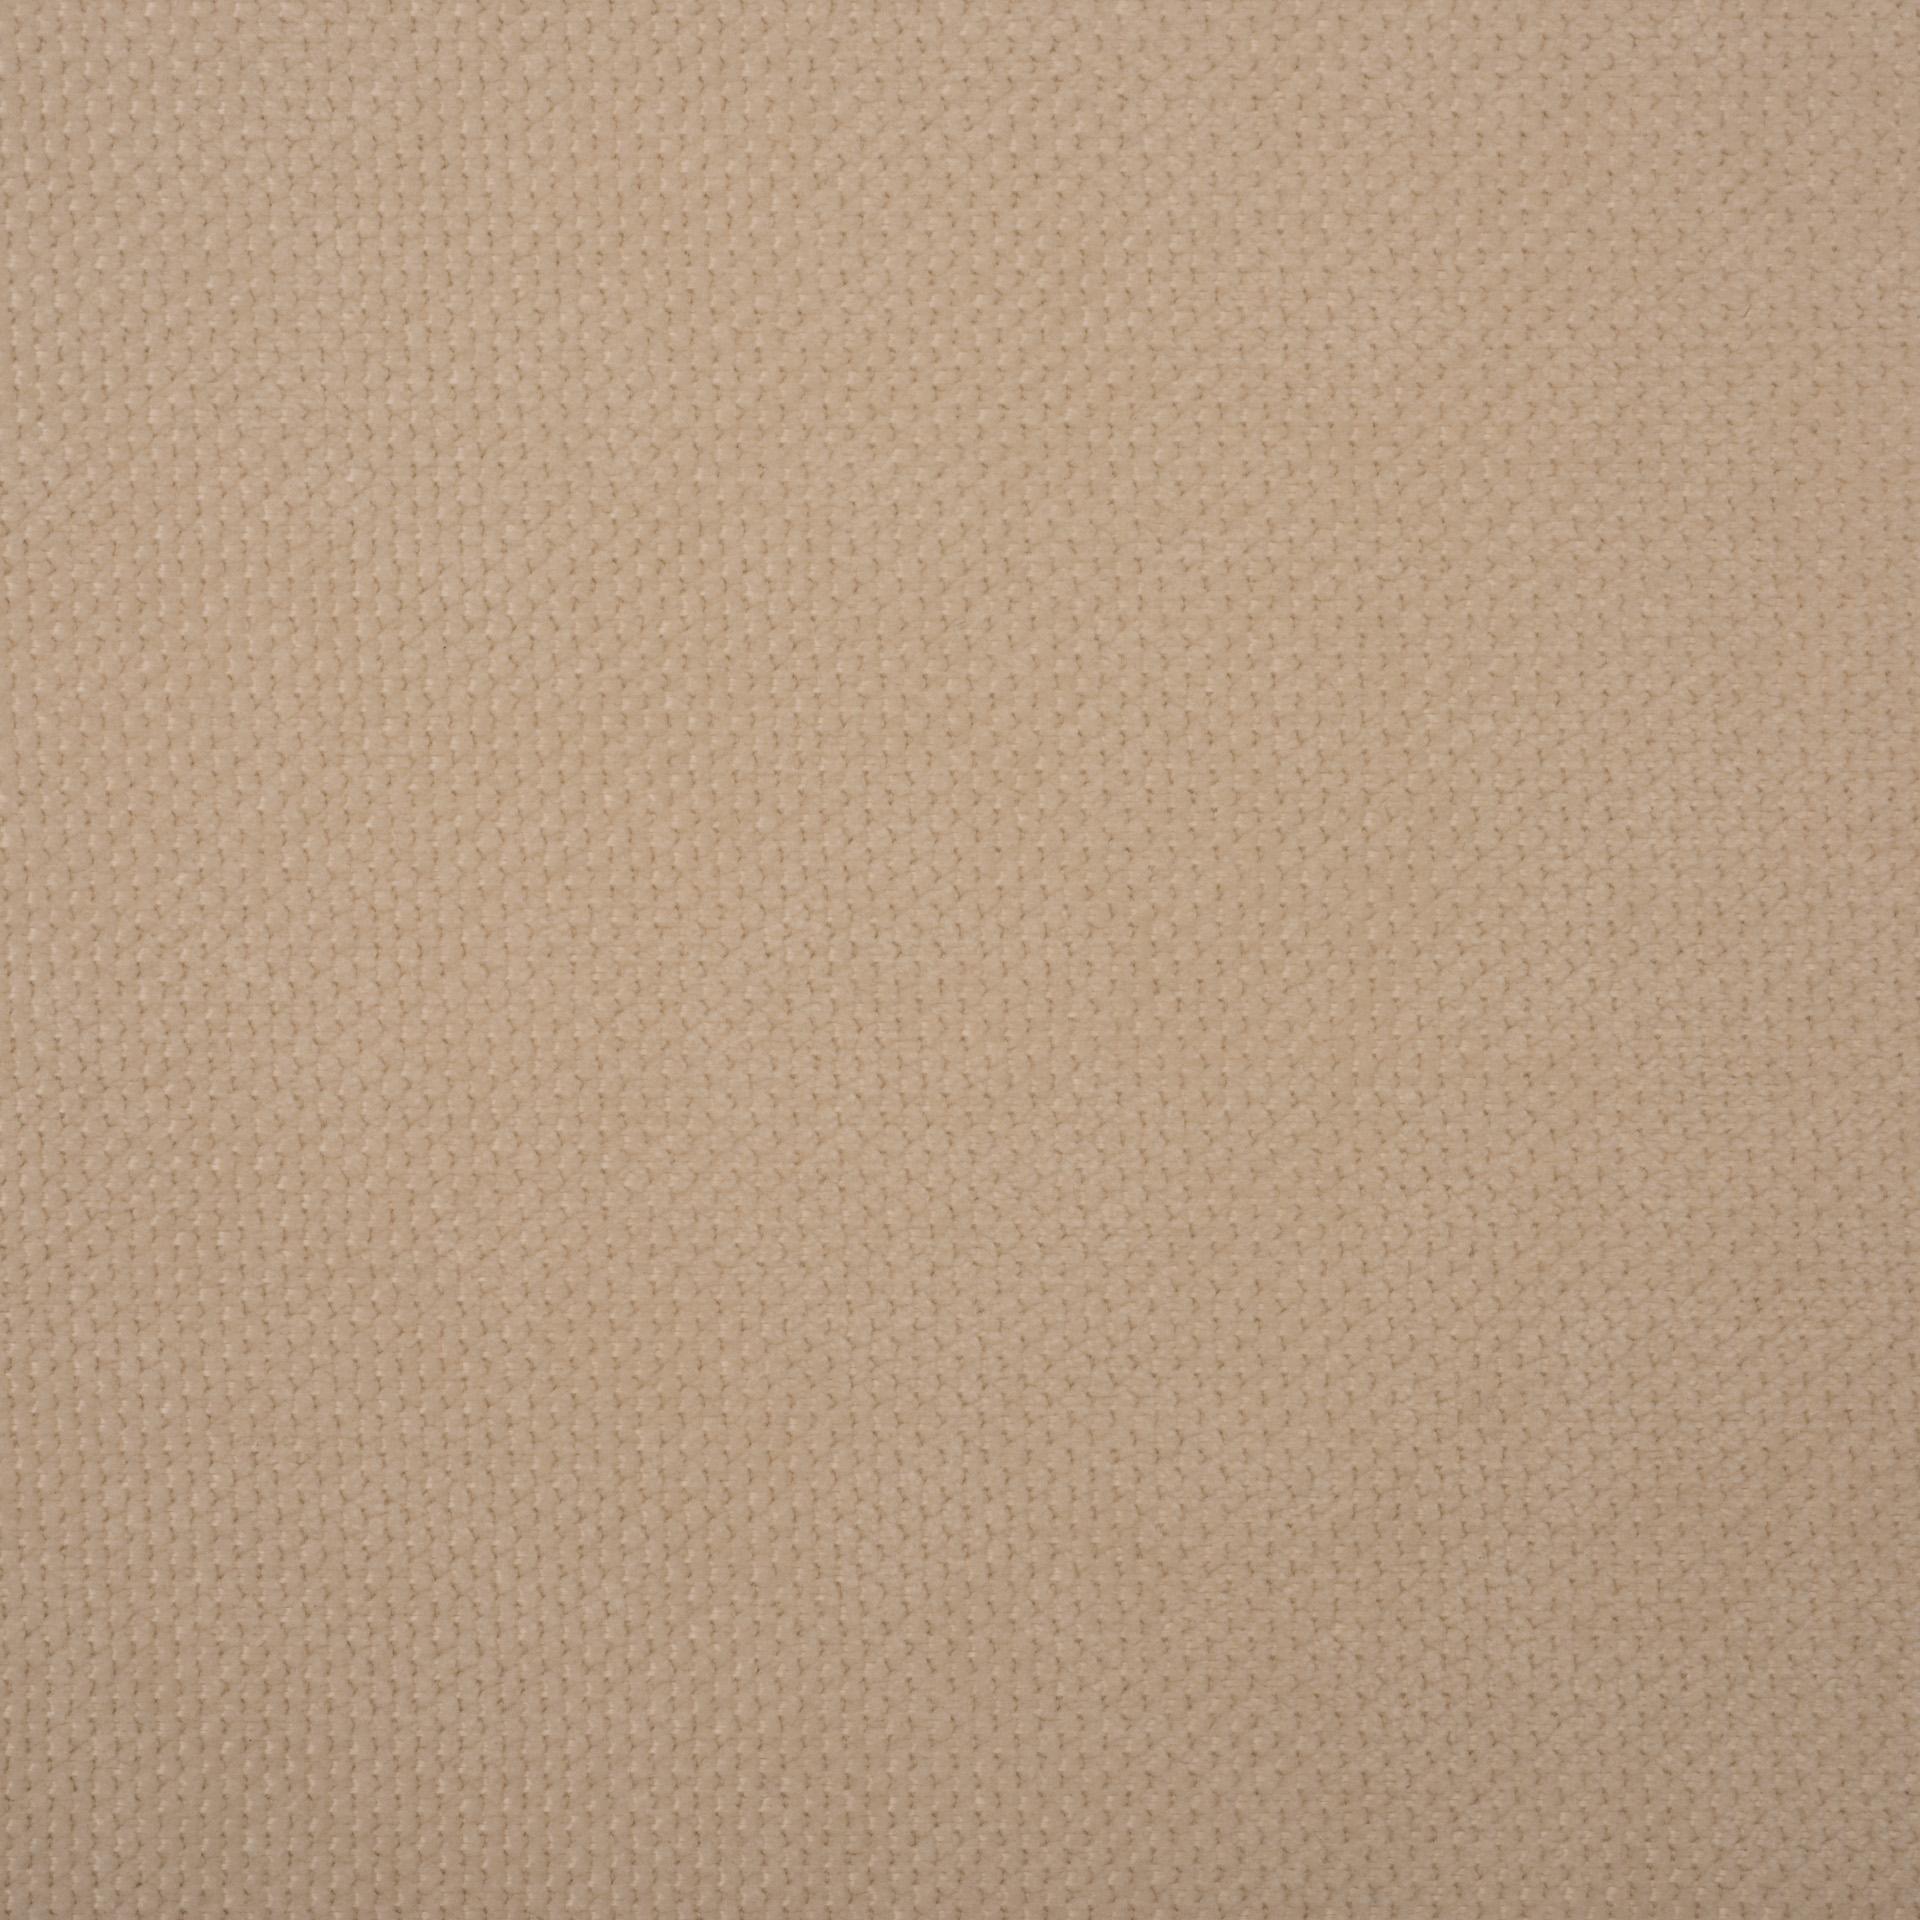 Коллекция ткани Дели 01 IVORY,  купить ткань Жаккард для мебели Украина